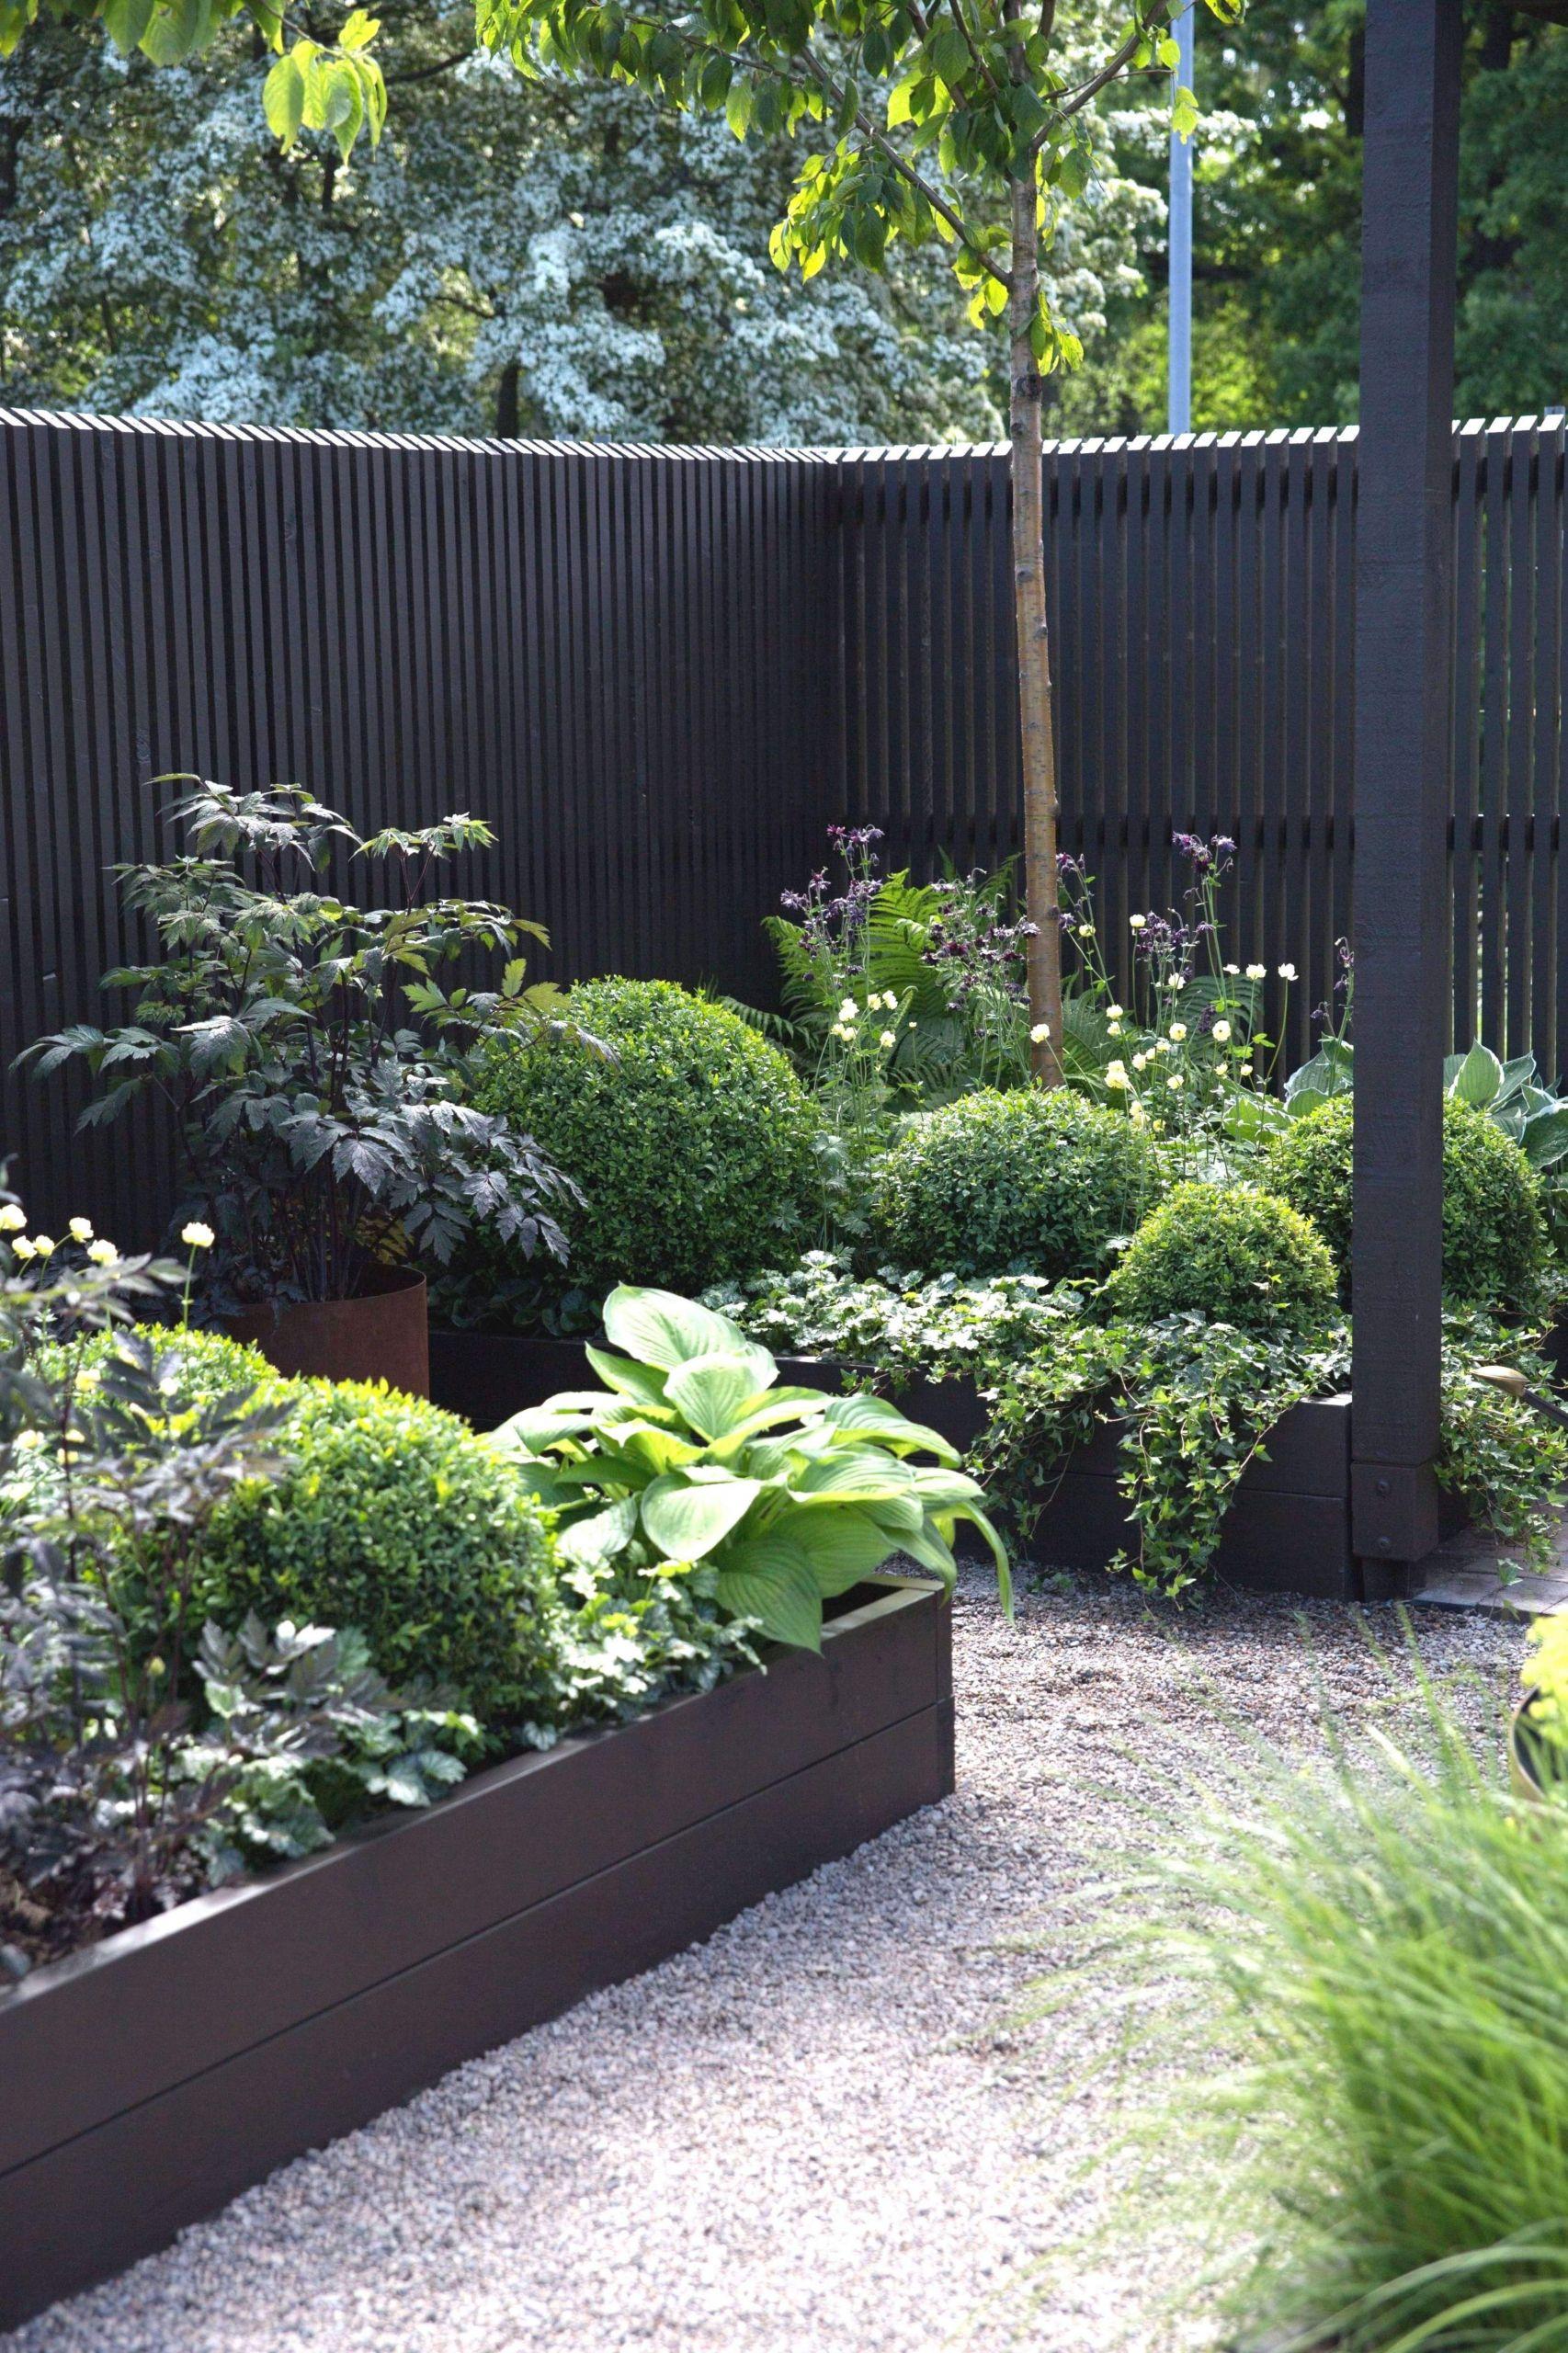 kleiner japanischer garten schon kleinen vorgarten gestalten temobardz home blog of kleiner japanischer garten scaled